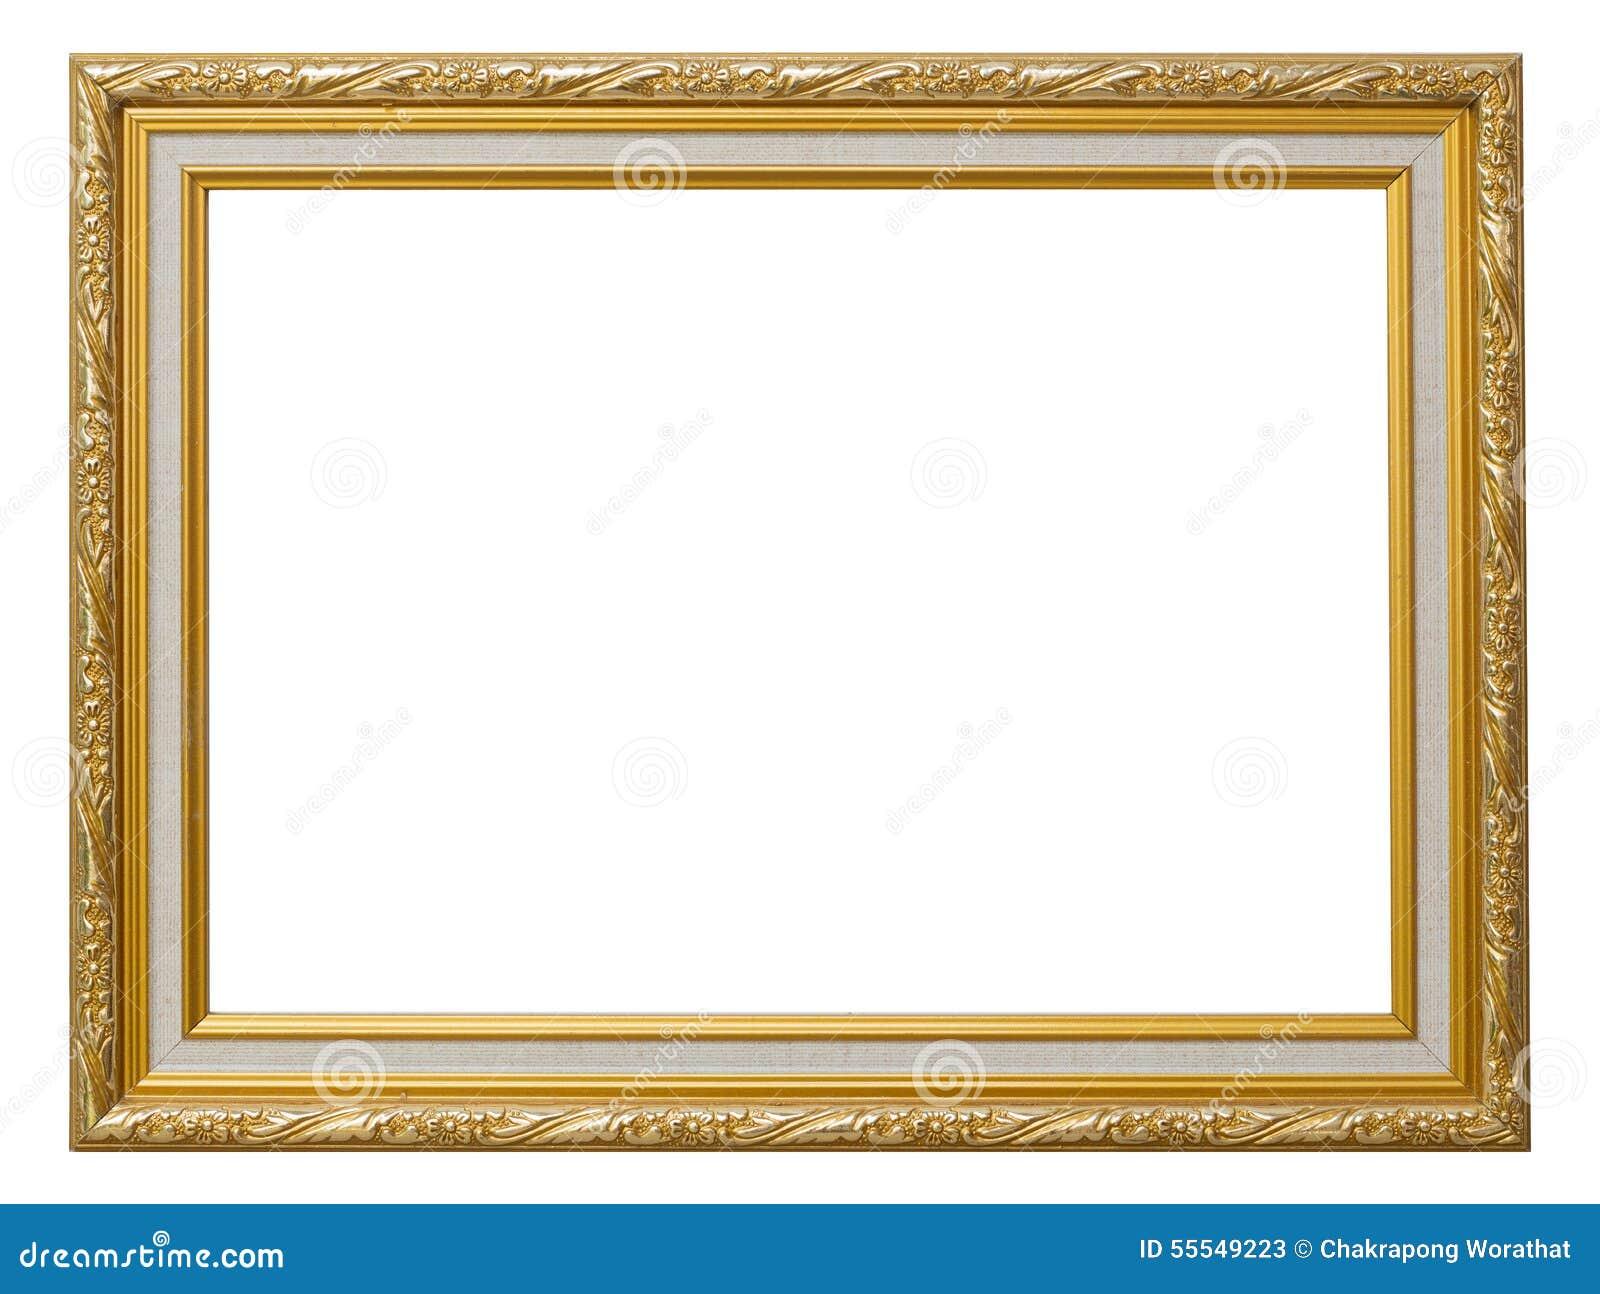 Beautiful Gold Vintage Frame Luxury Isolated White Background. Stock ...